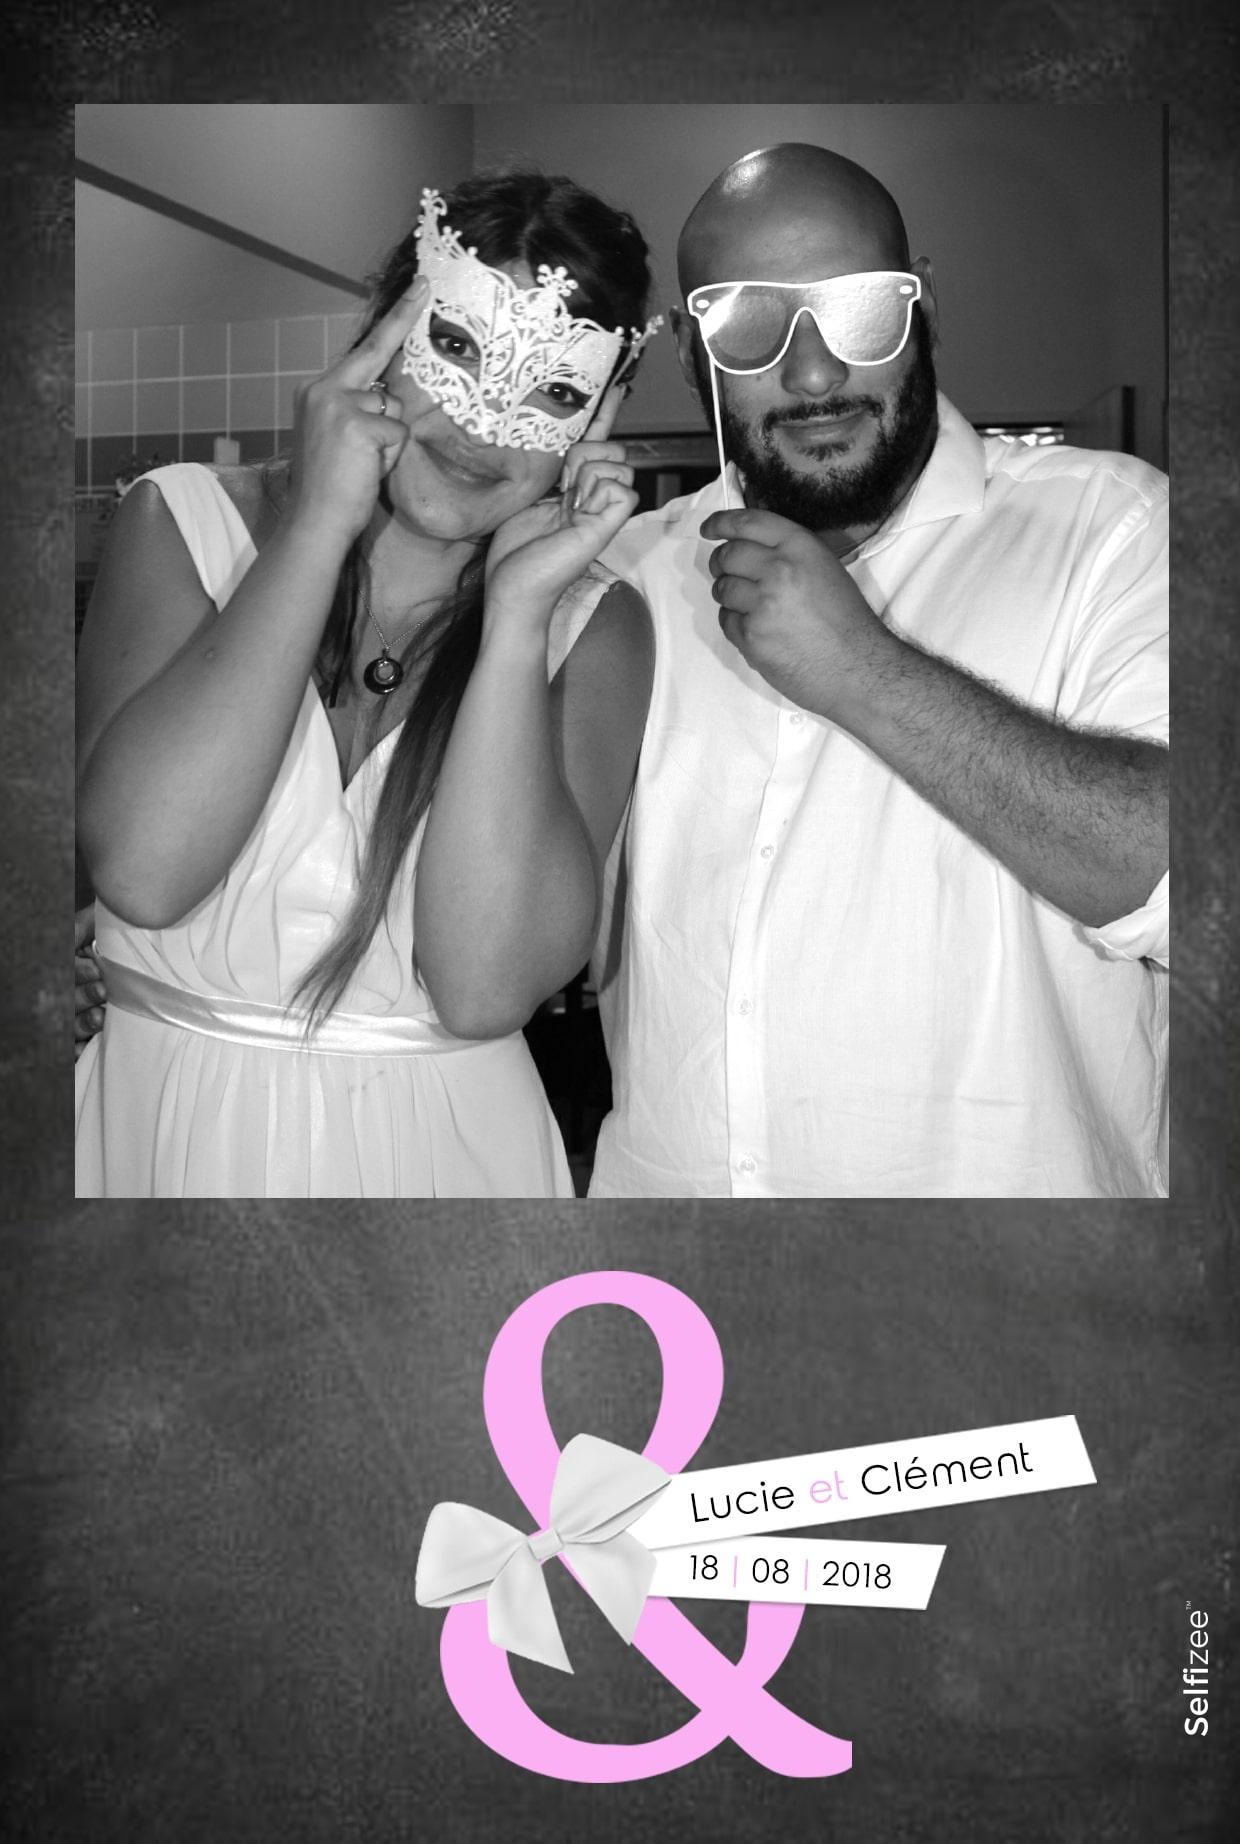 Selfie mariage personnalisé avec borne photo à louer à Annecy et Haute Savoie pour animation mariage, anniversaire, fête